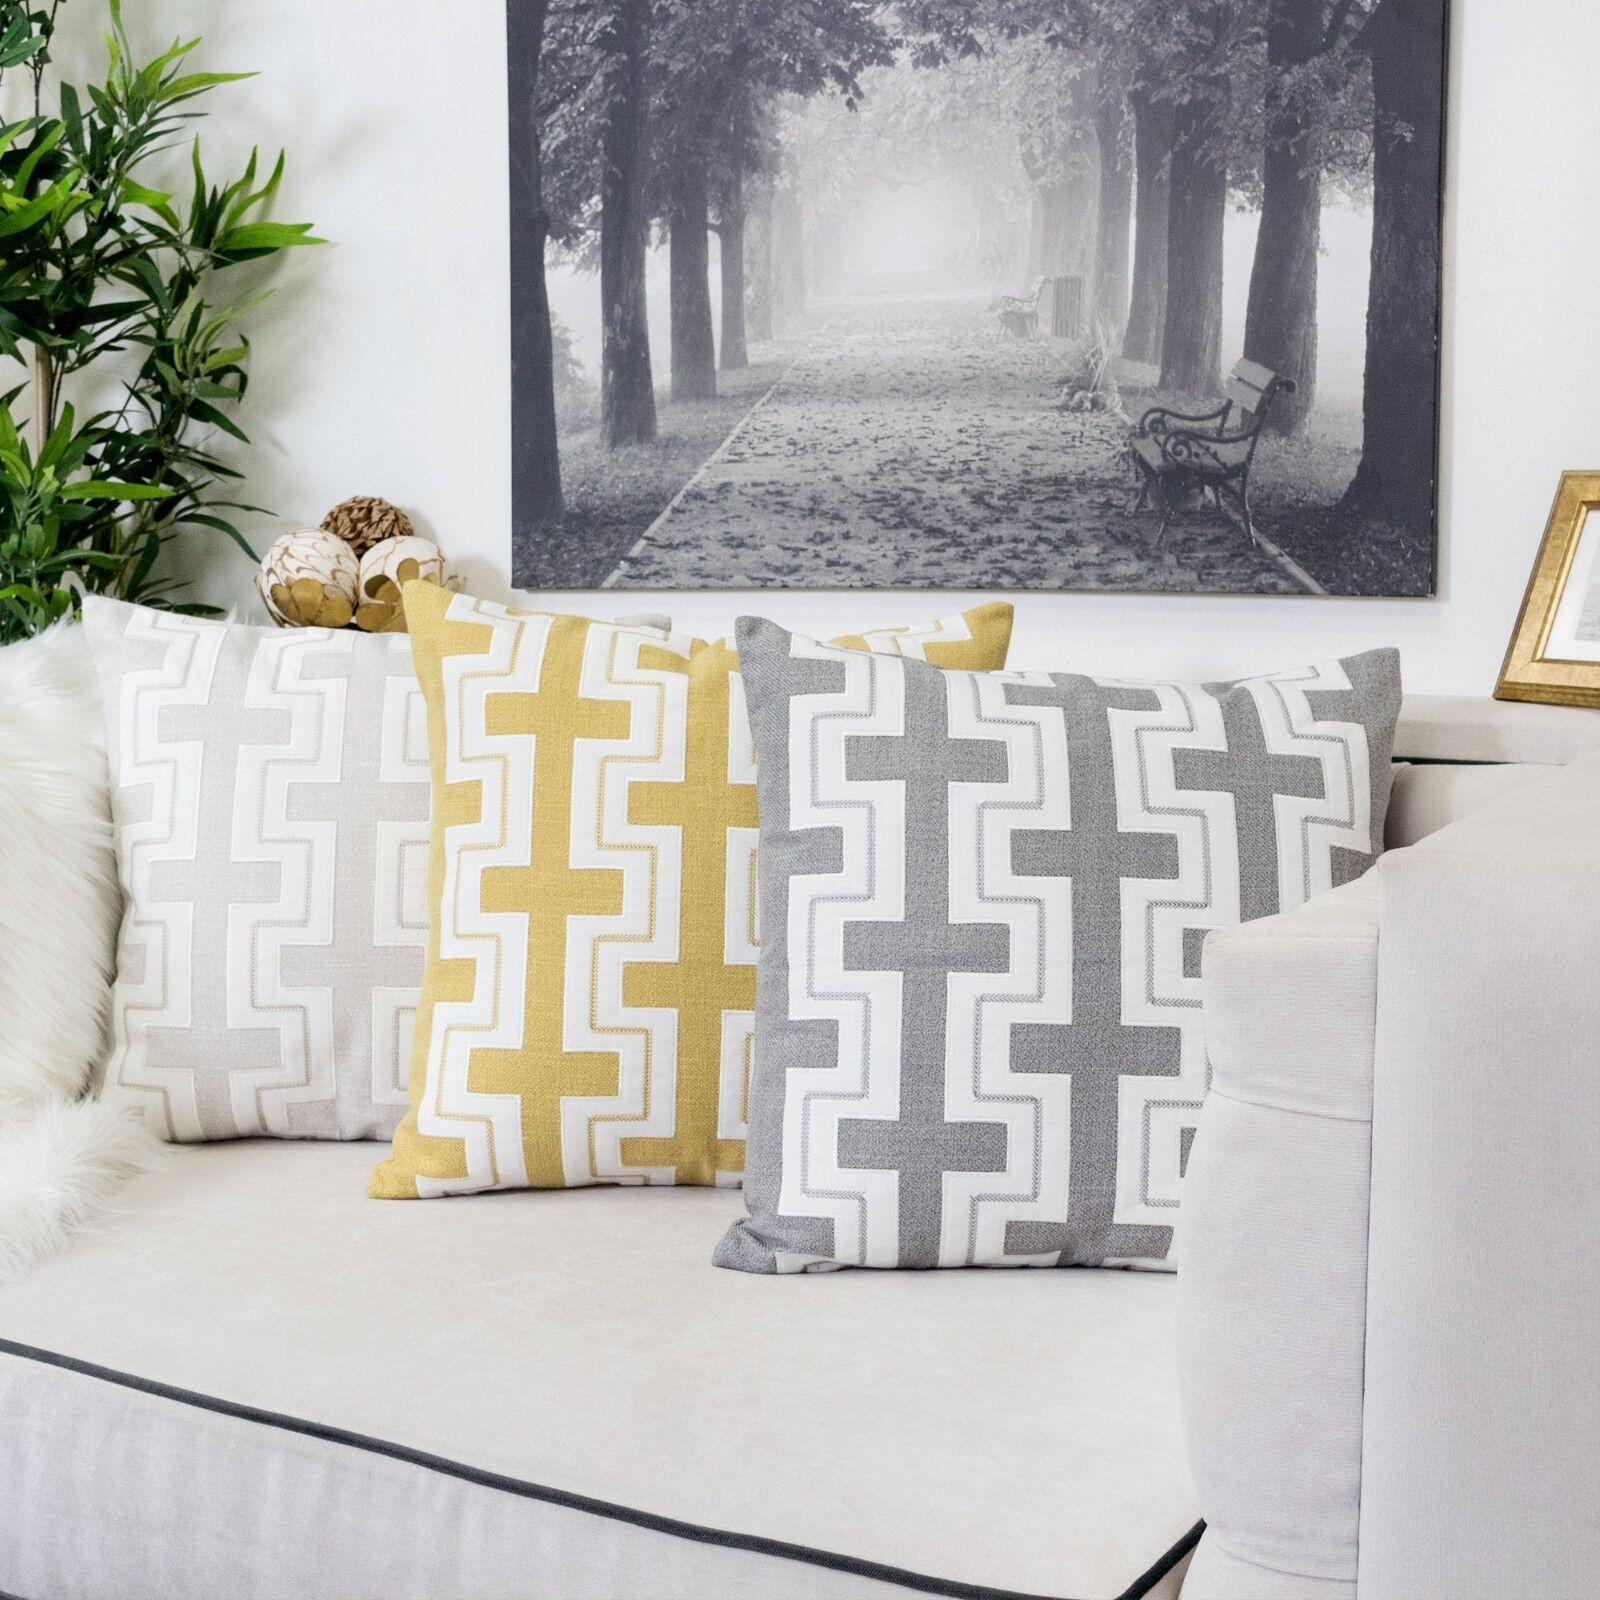 applique zigzag linen pillow cover large cushion